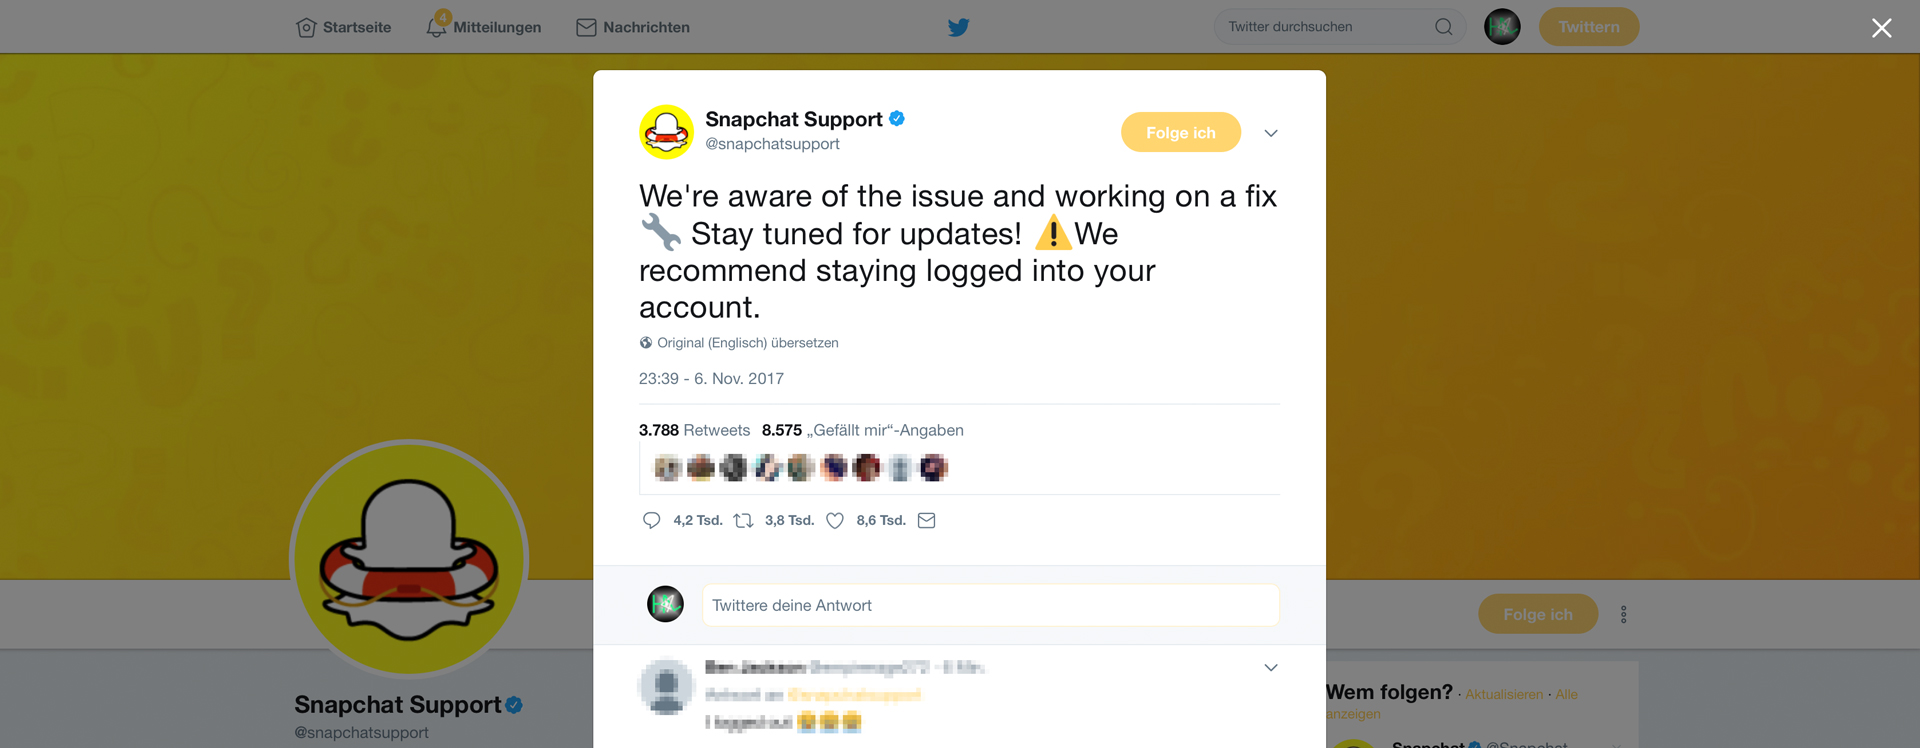 Ist Snapchat offline? Hack4Life berichtet, Fabian Geissler